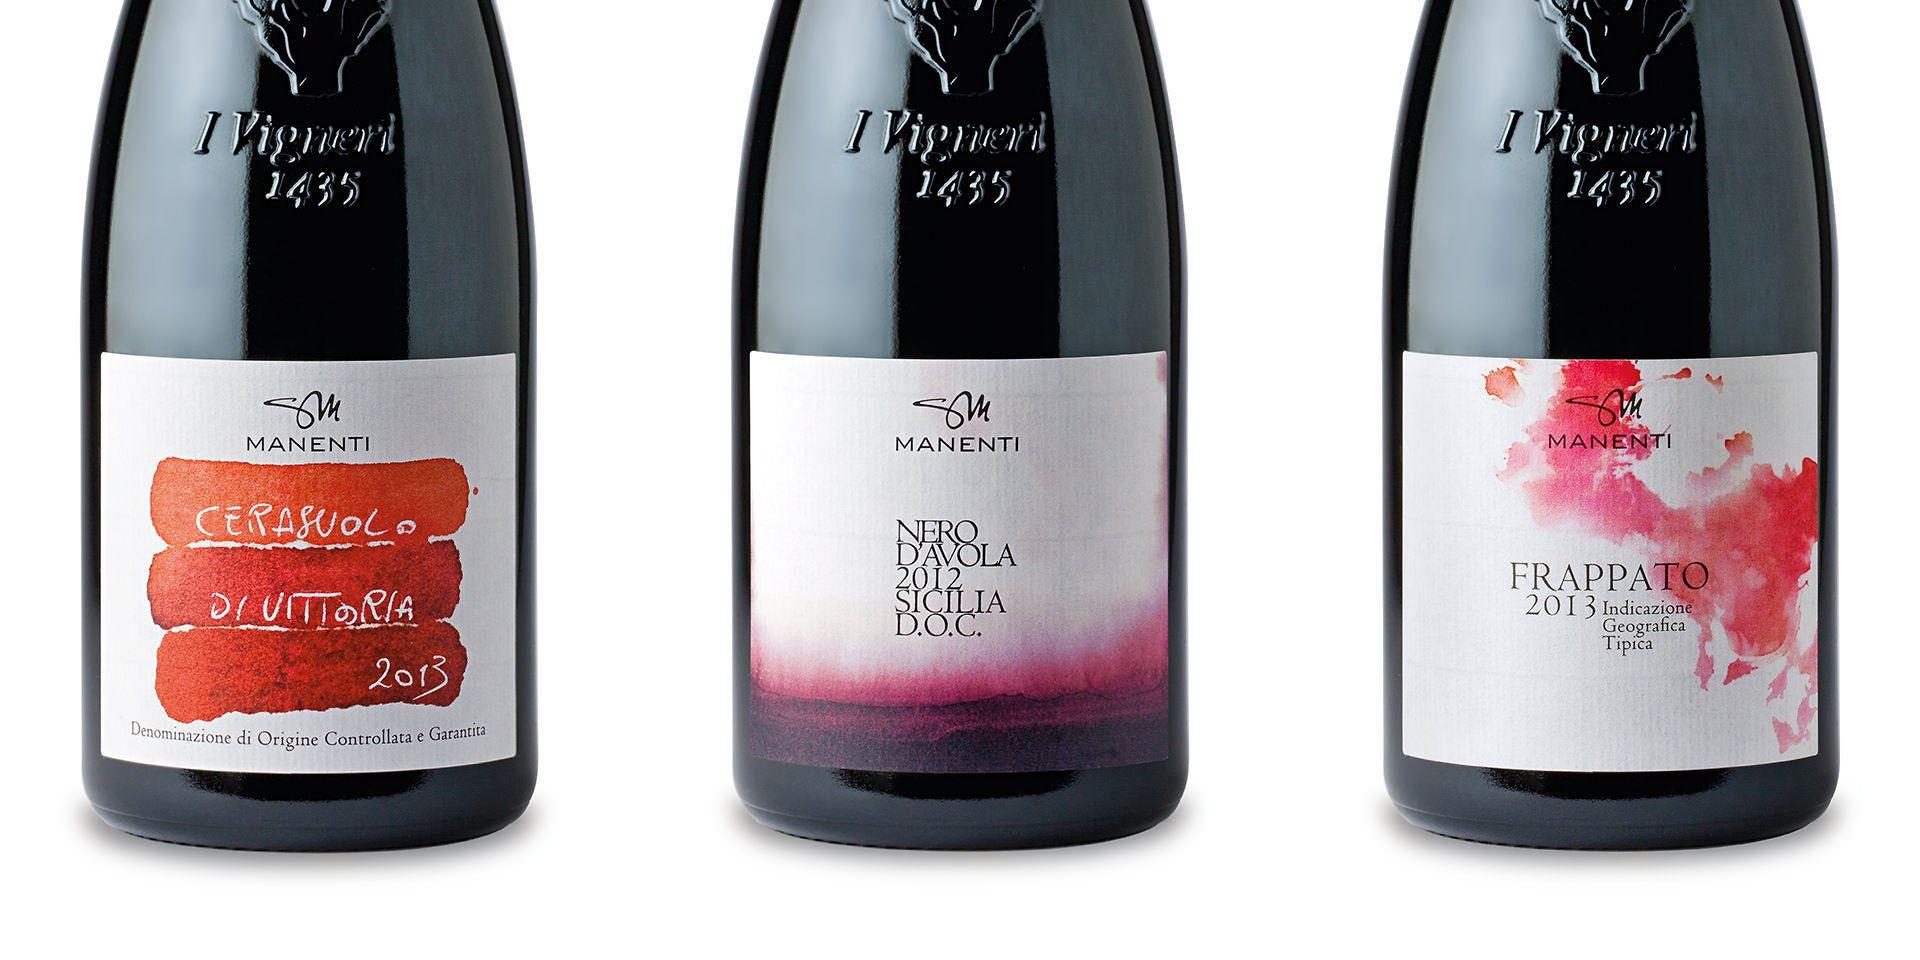 Molto Studio grafico per etichette vino di azienda vitivinicola Manenti CL68